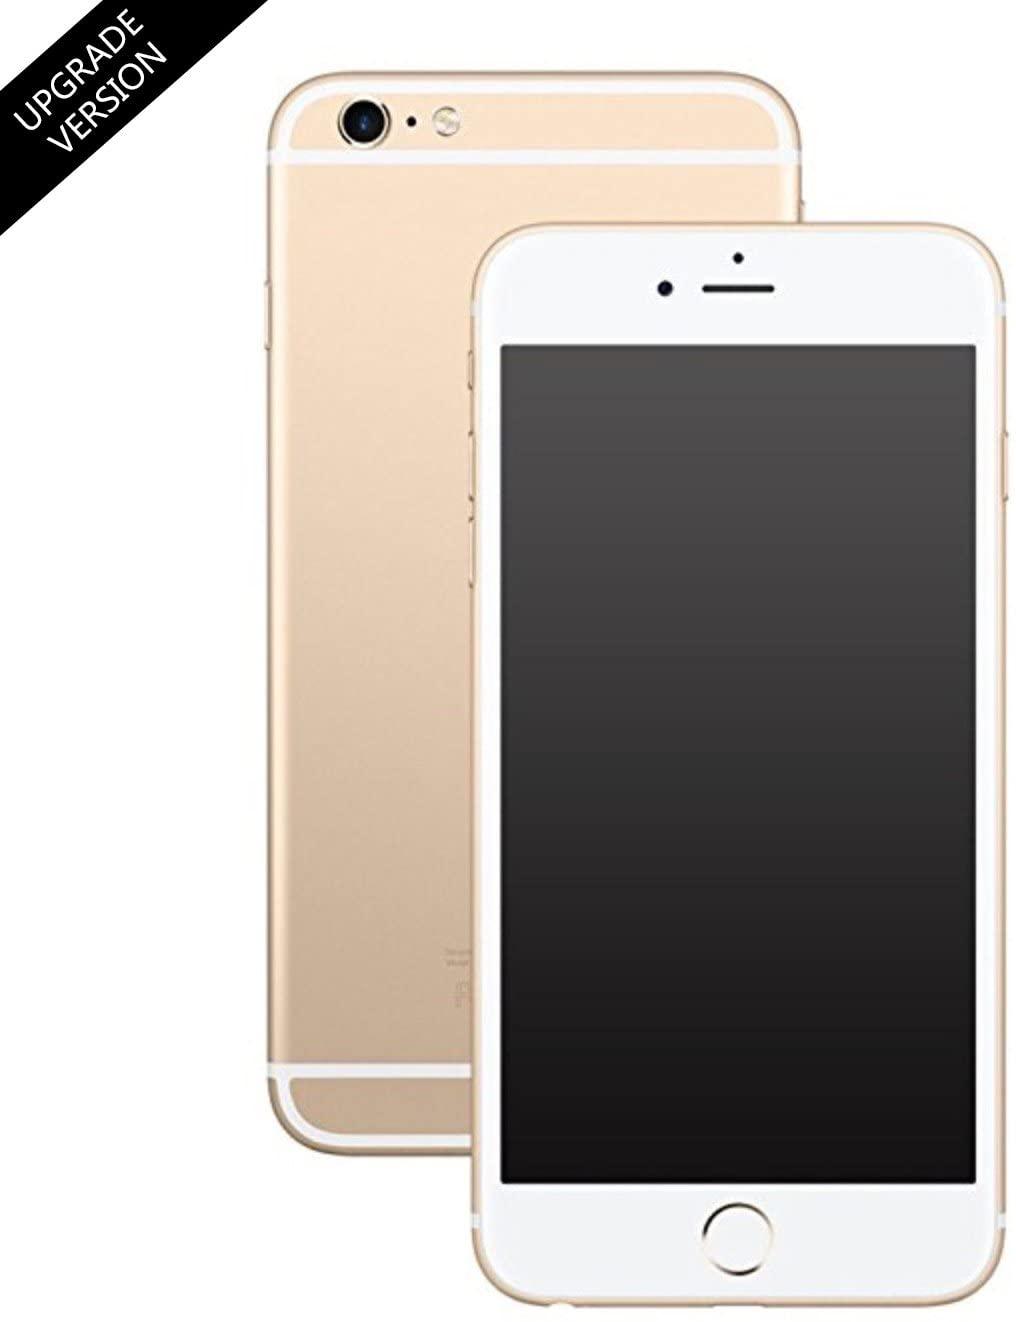 Piégez vos amis avec ce faux iPhone 6 | Idées cadeaux insolites